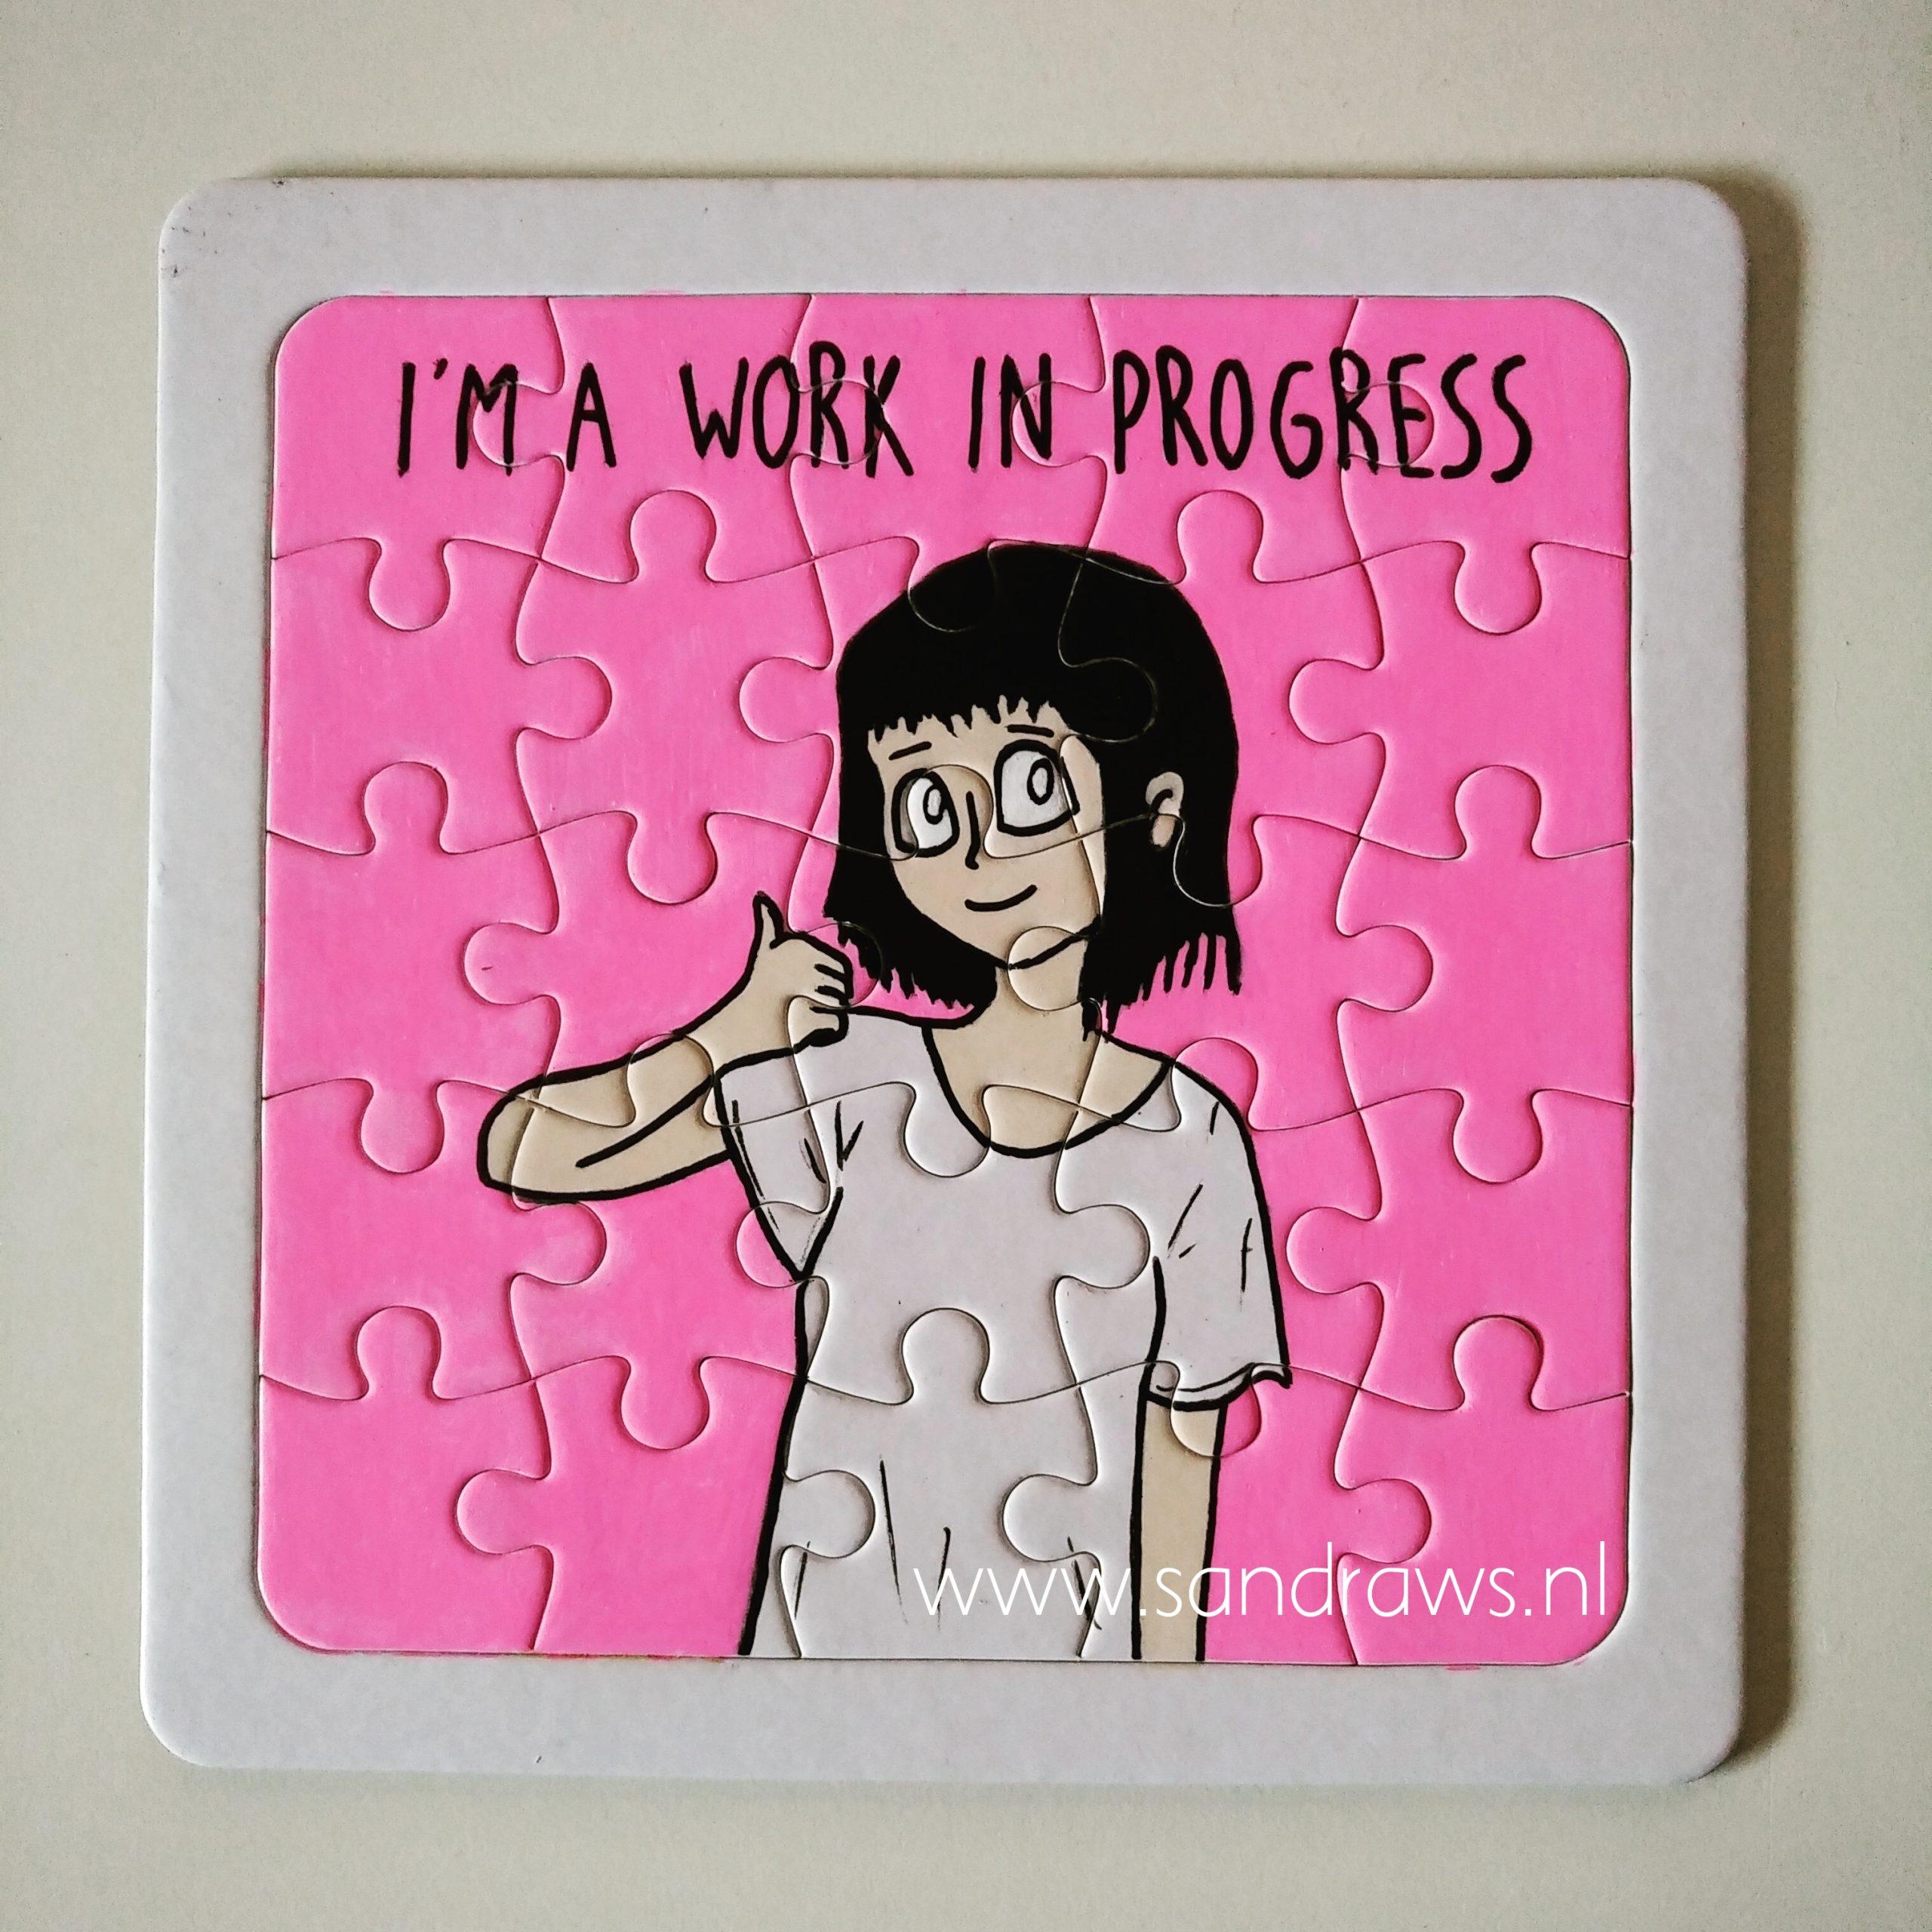 puzzle pieces - illustration